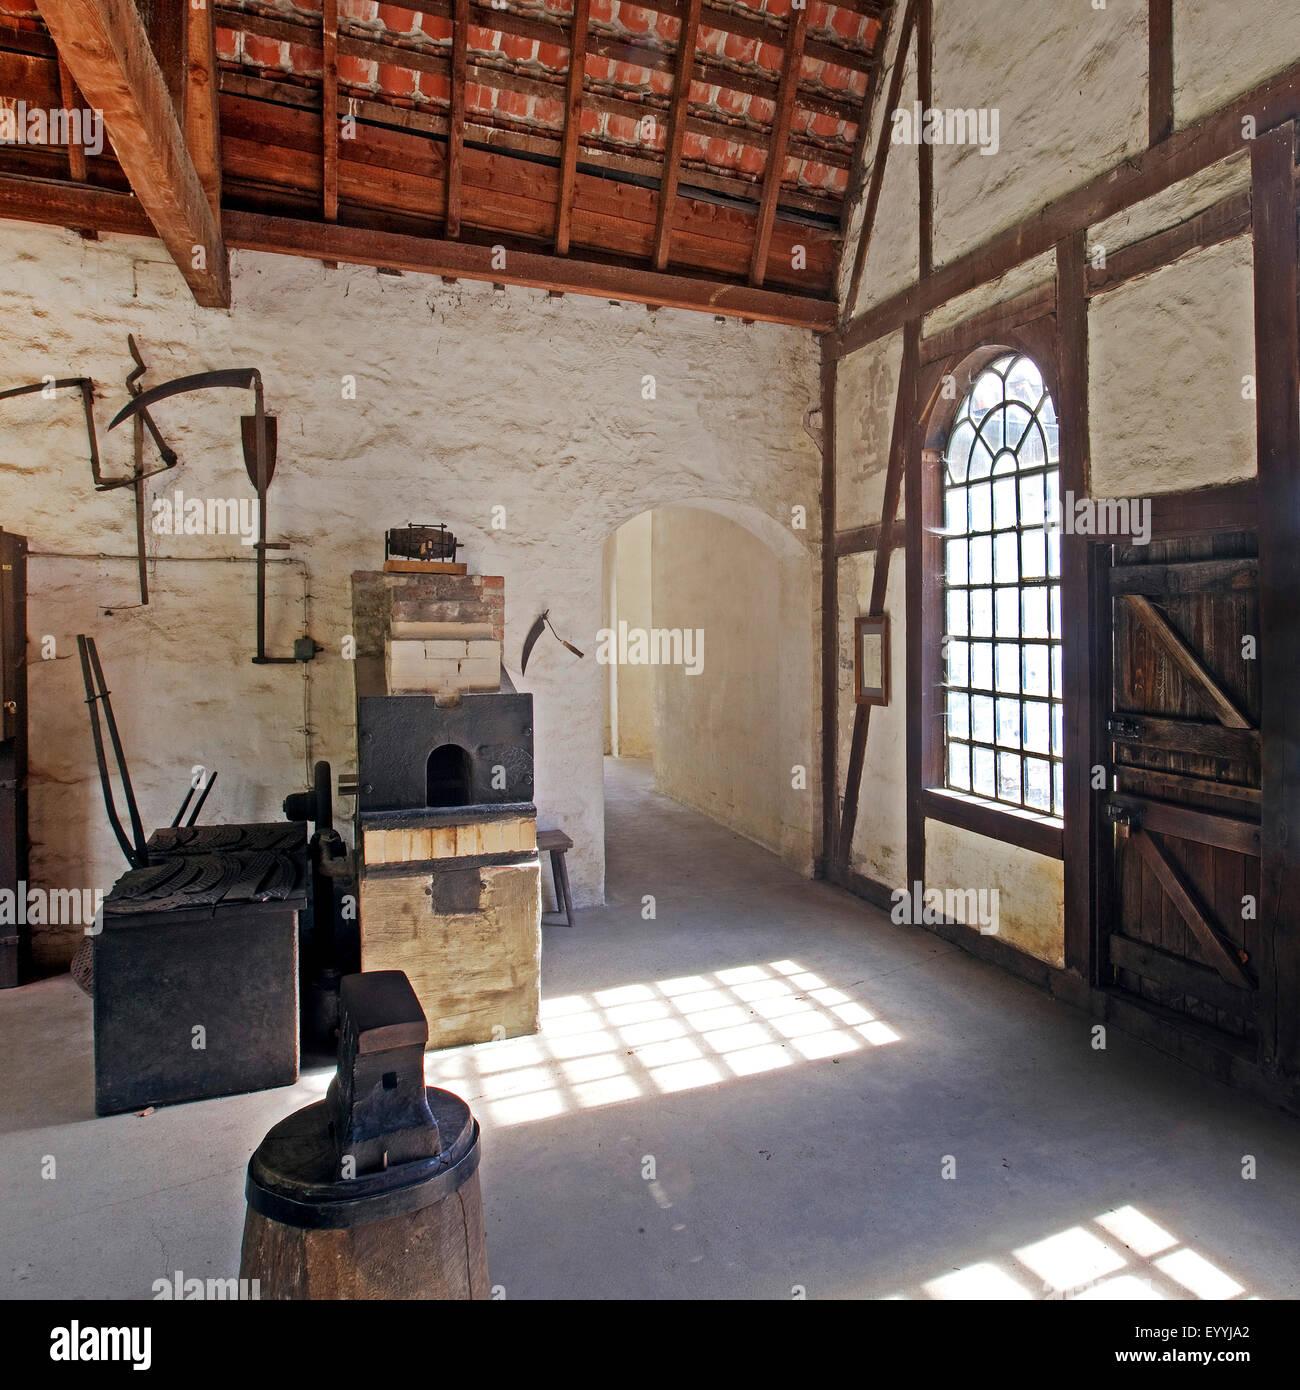 zinc rolling mill of Hagen Open-air Museum, Germany, North Rhine-Westphalia, Ruhr Area, Hagen - Stock Image